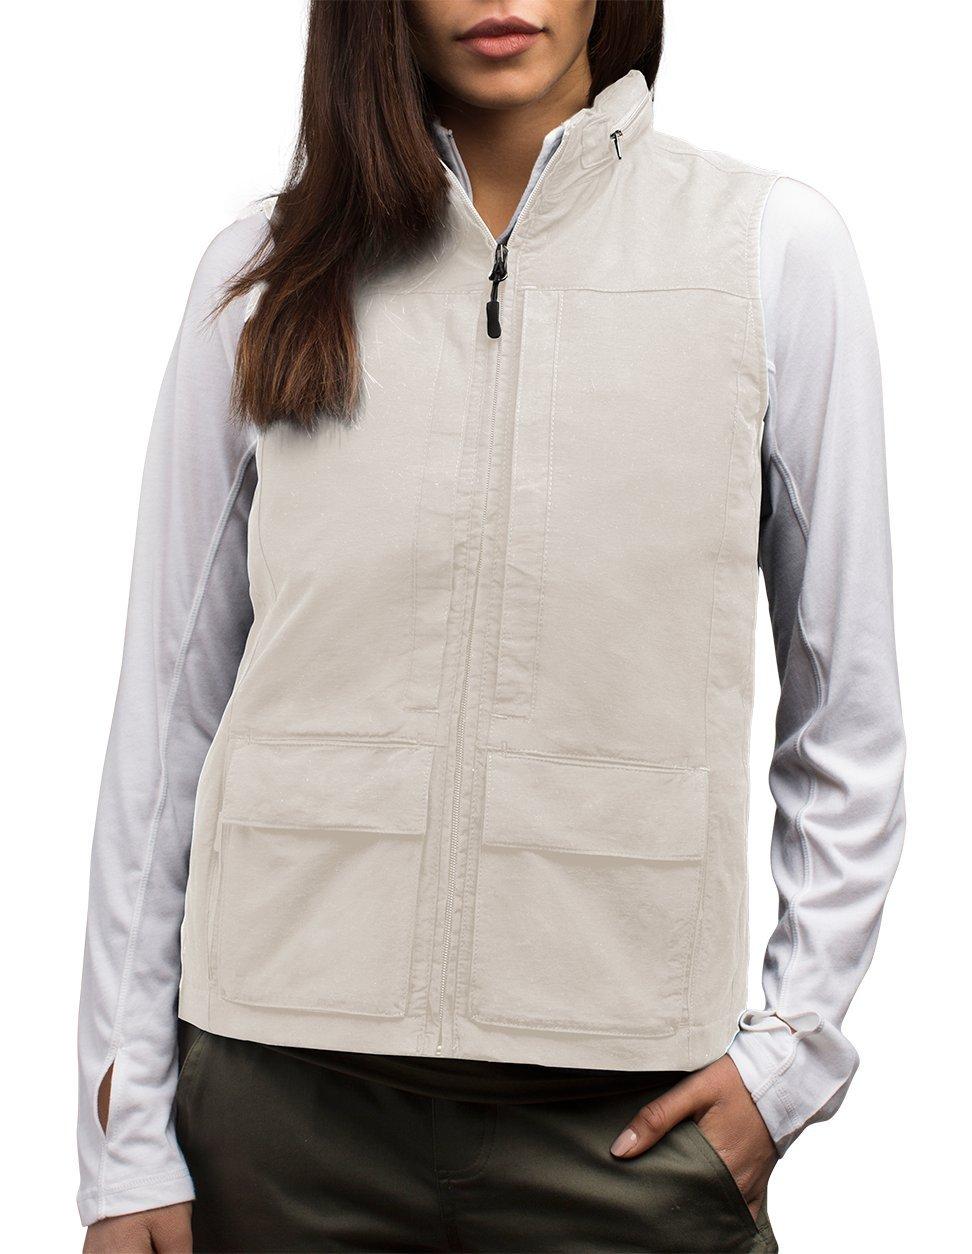 SCOTTeVEST Women's Q.U.E.S.T. Vest - 42 Pockets – Photography, Travel Vest (Large, Beige)